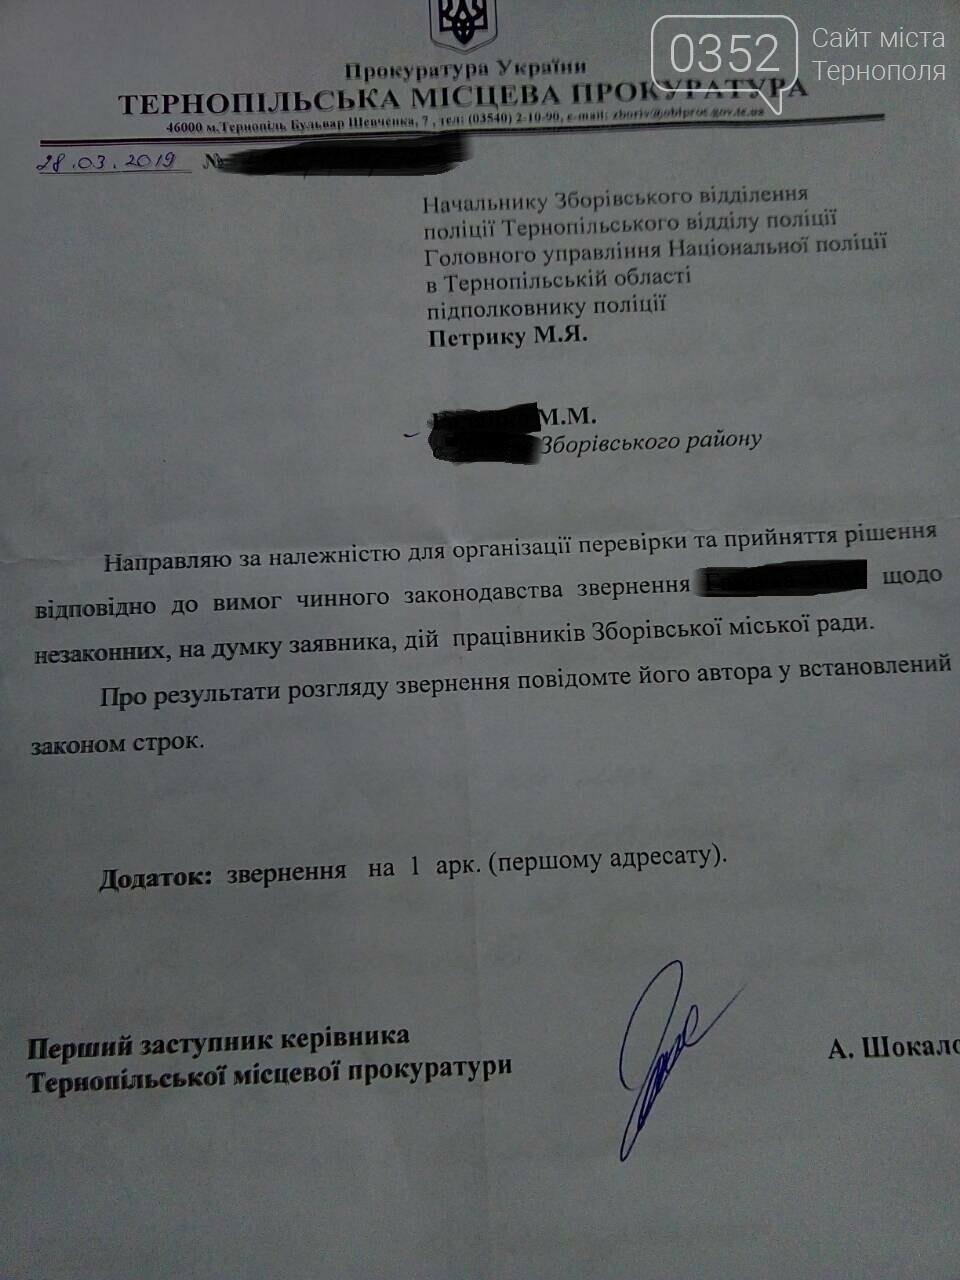 Чоловік з Тернопільщини підозрює двох працівників міськради у махінаціях із землею (ФОТО), фото-4